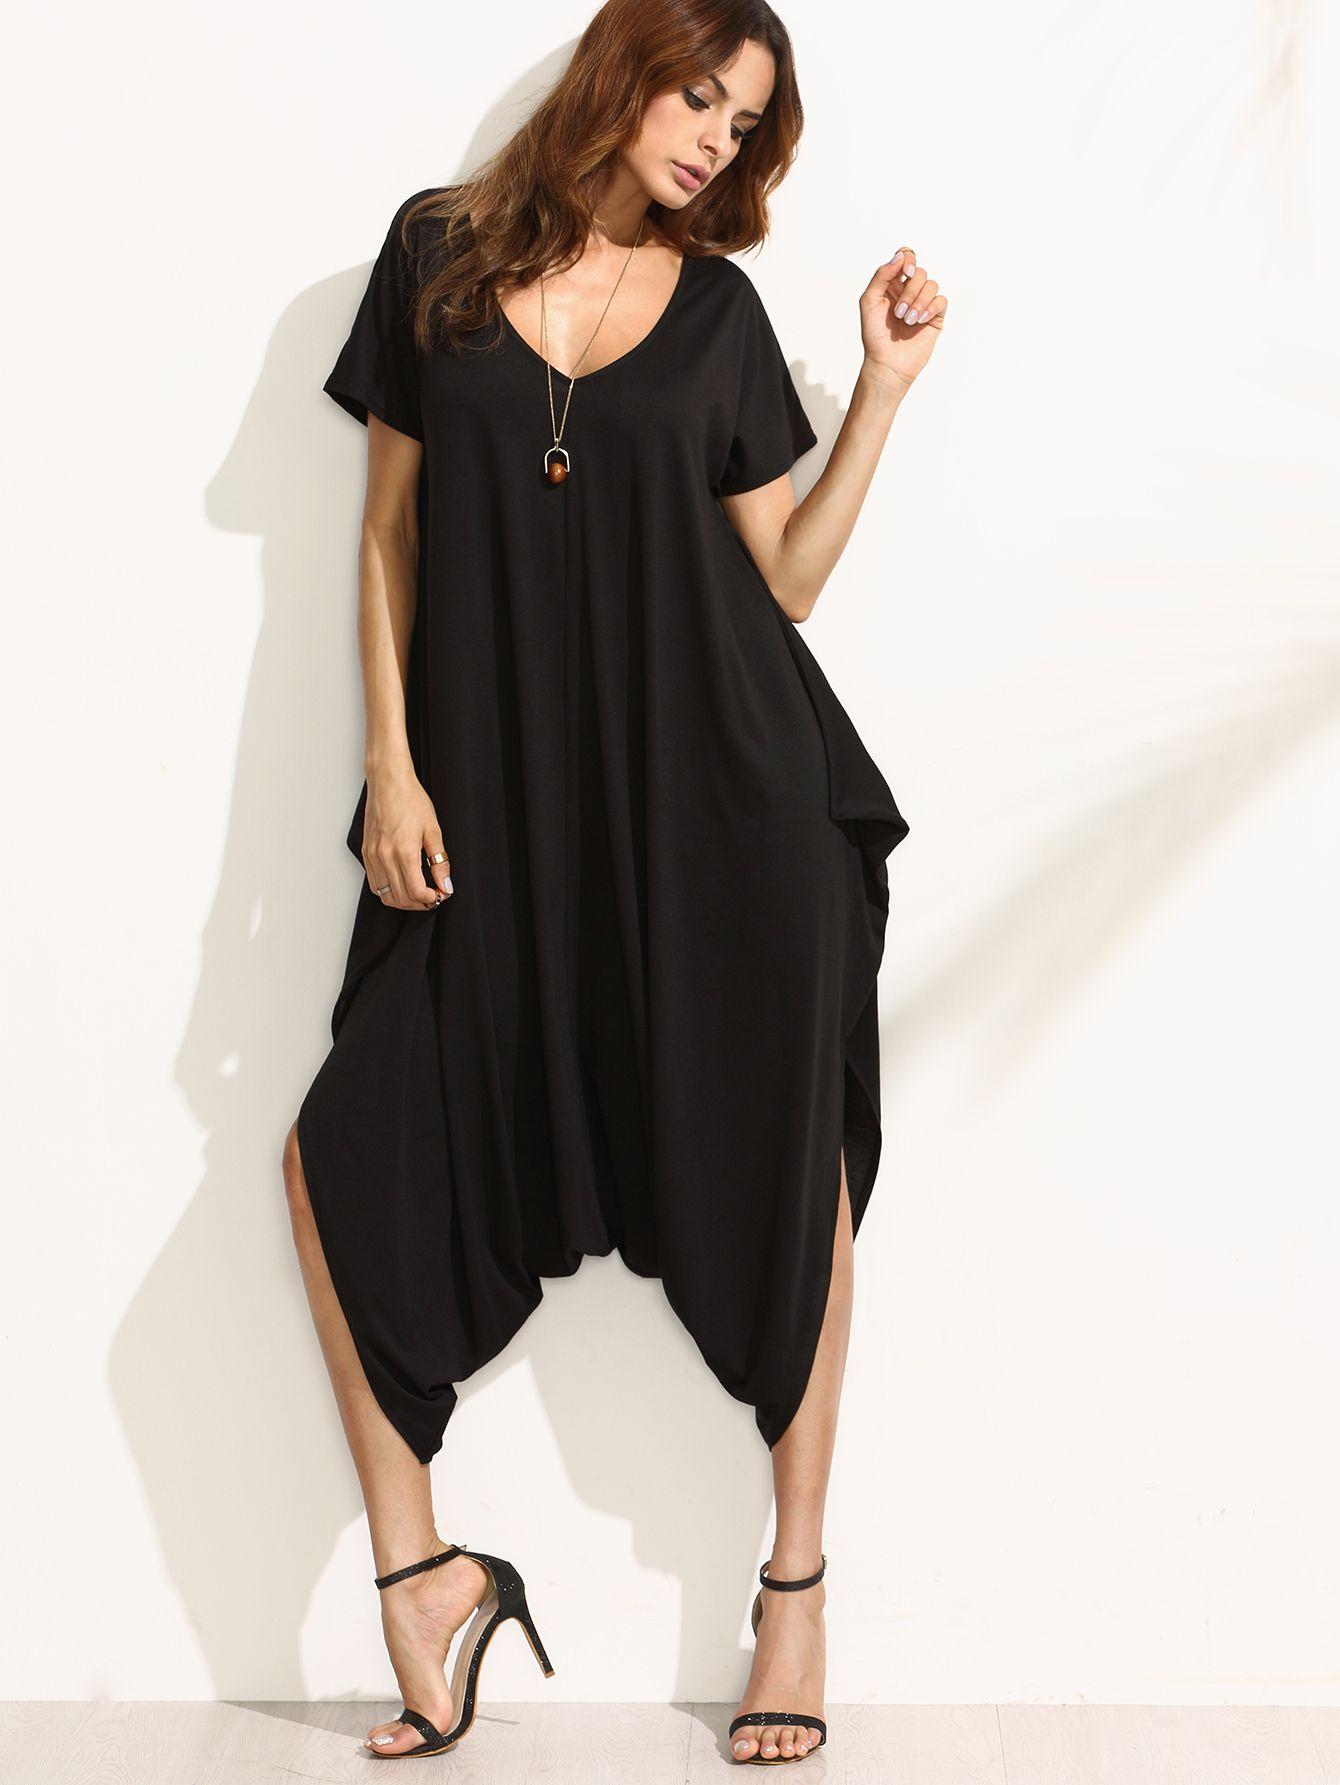 7866bf21ef5b Shop Black V Neck Short Sleeve Harem Jumpsuit online. SheIn offers Black V  Neck Short Sleeve Harem Jumpsuit   more to fit your fashionable needs.